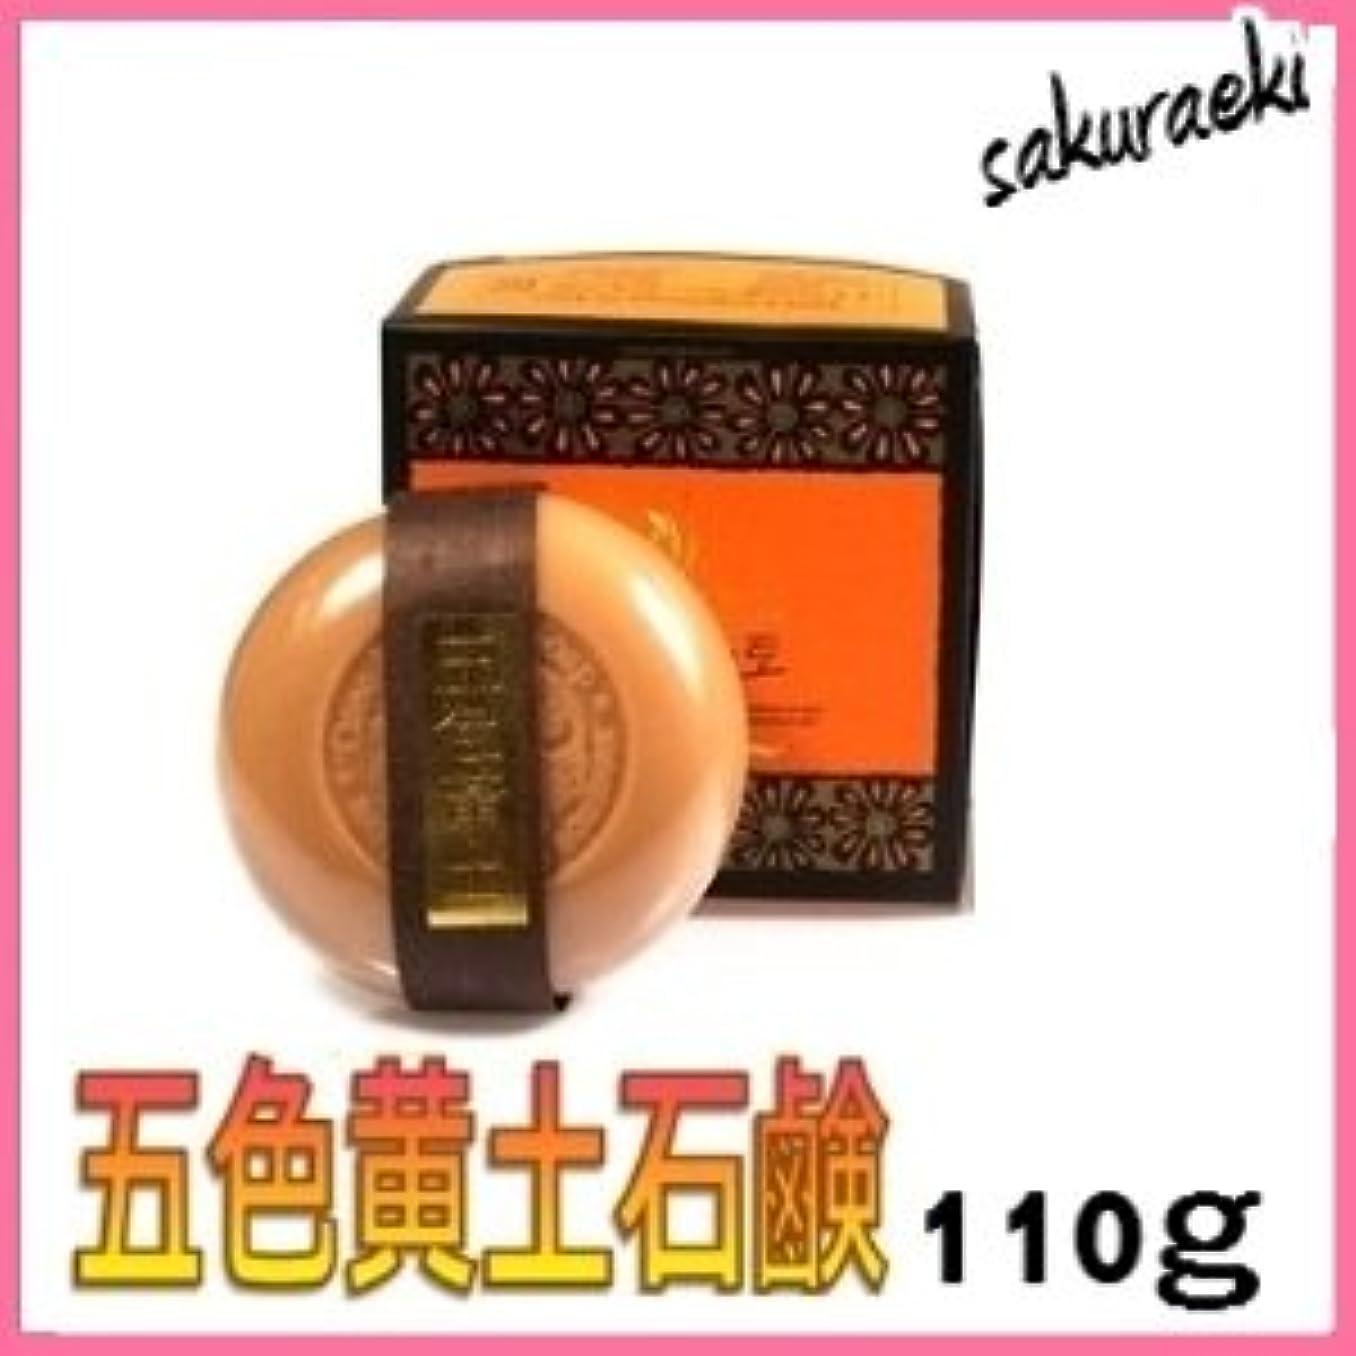 スキャン計算ではごきげんよう韓国 天然五色 黄土石鹸 110g【韓国コスメ】